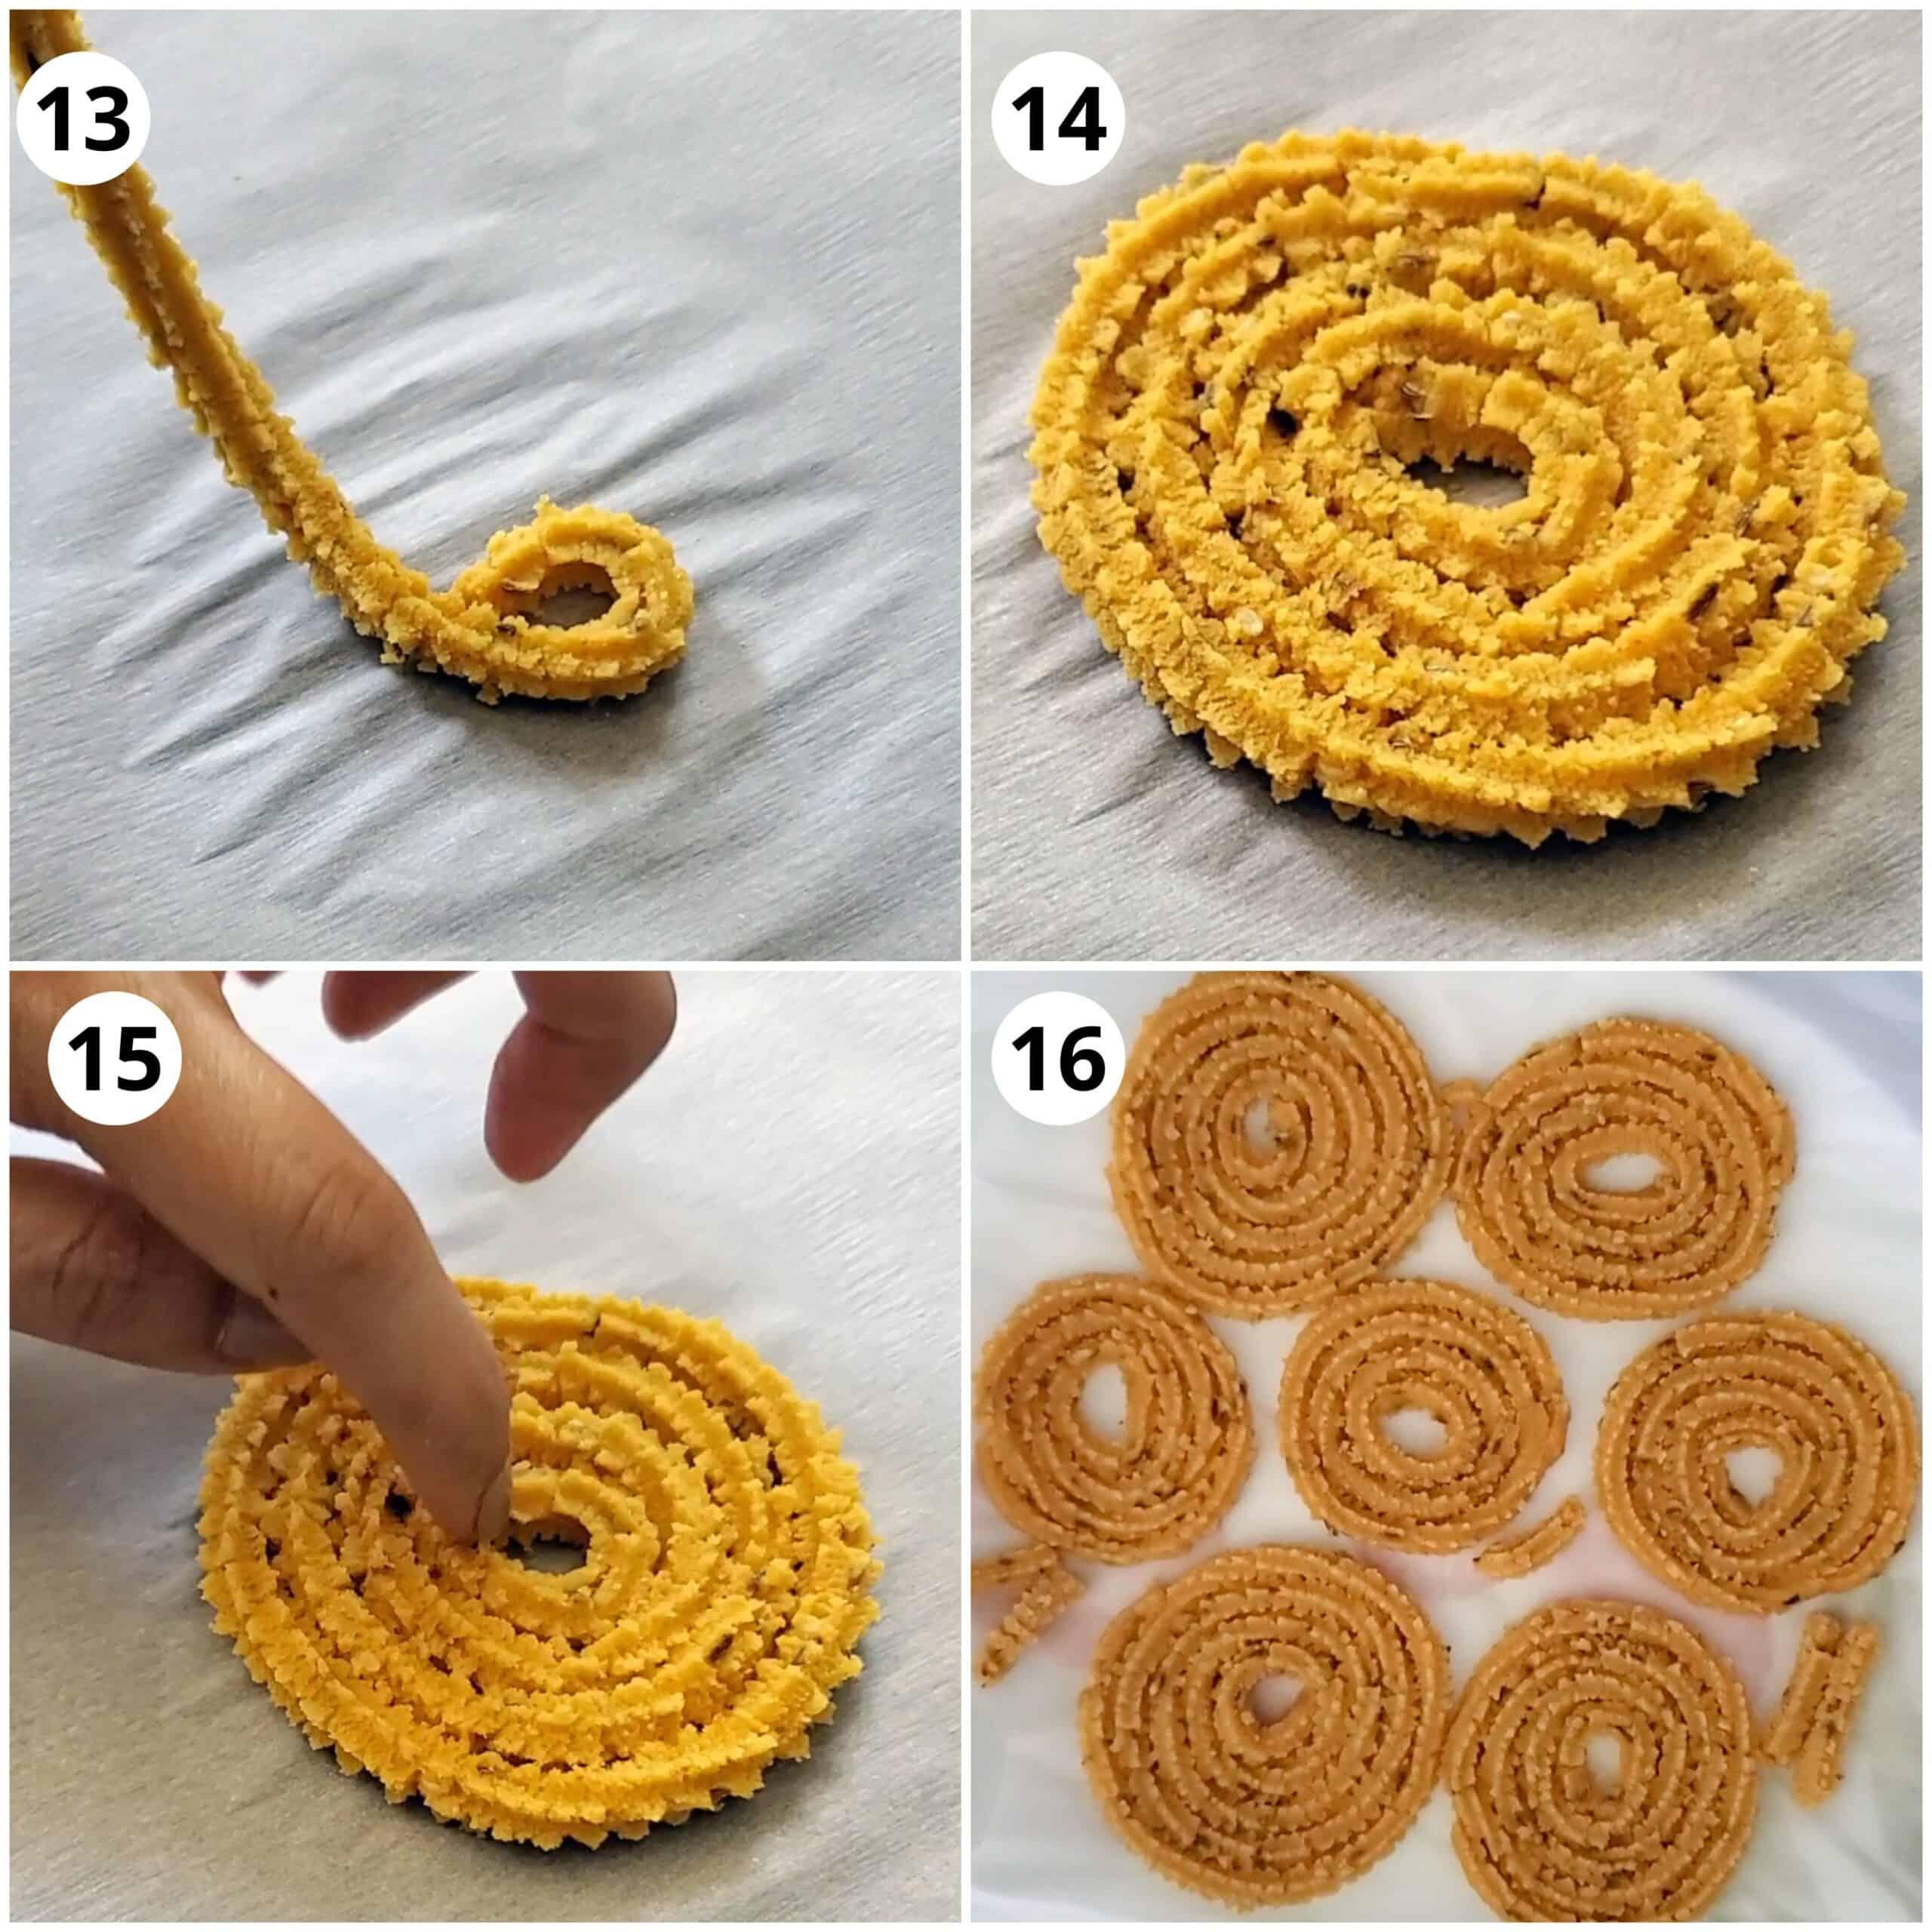 steps for making chakli spirals